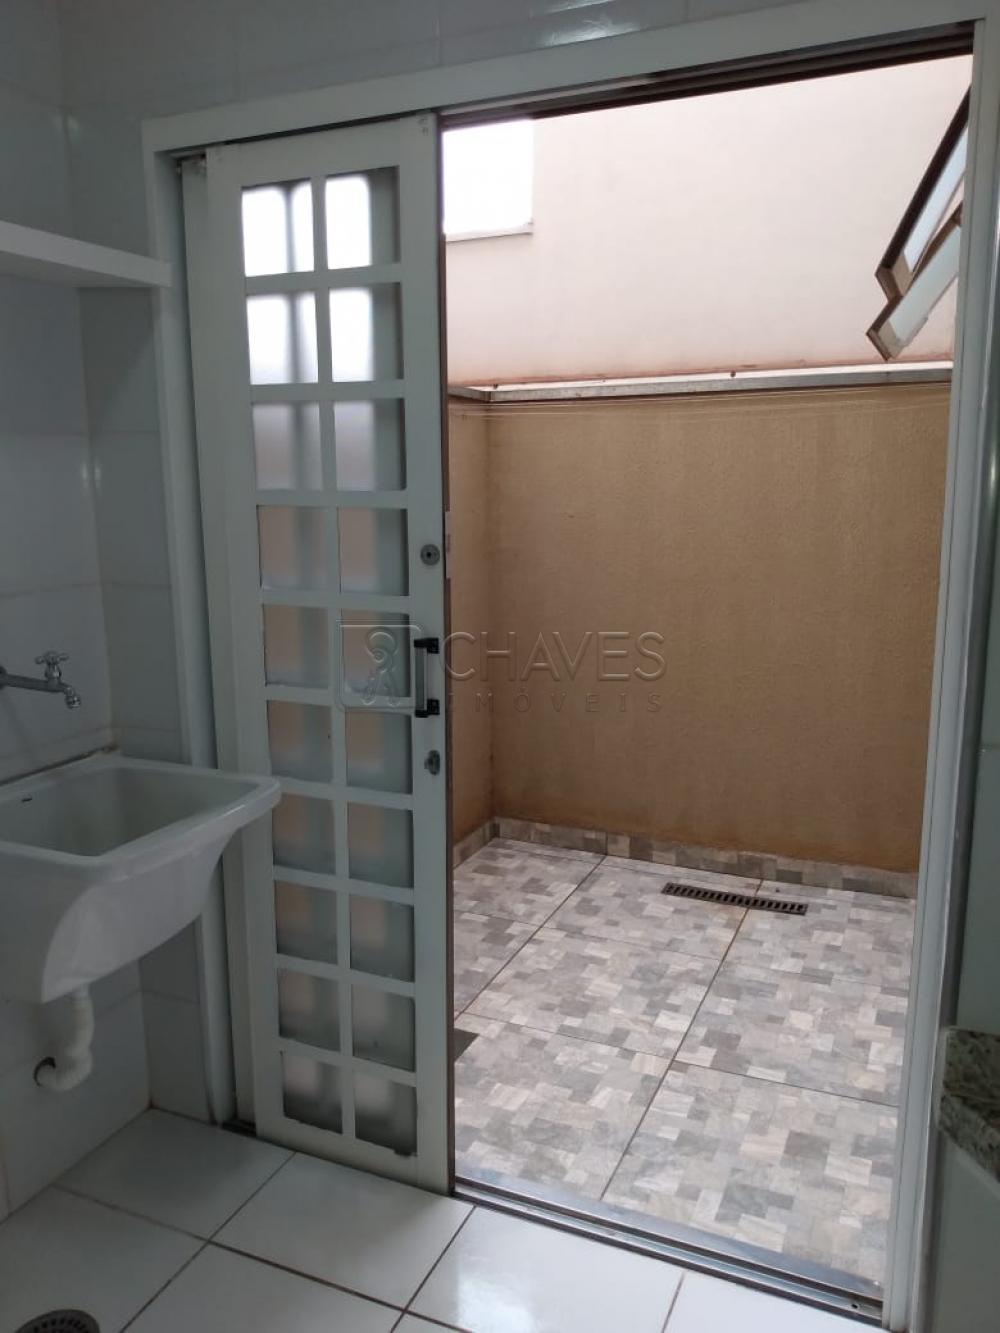 Comprar Apartamento / Padrão em Brodowski R$ 150.000,00 - Foto 17